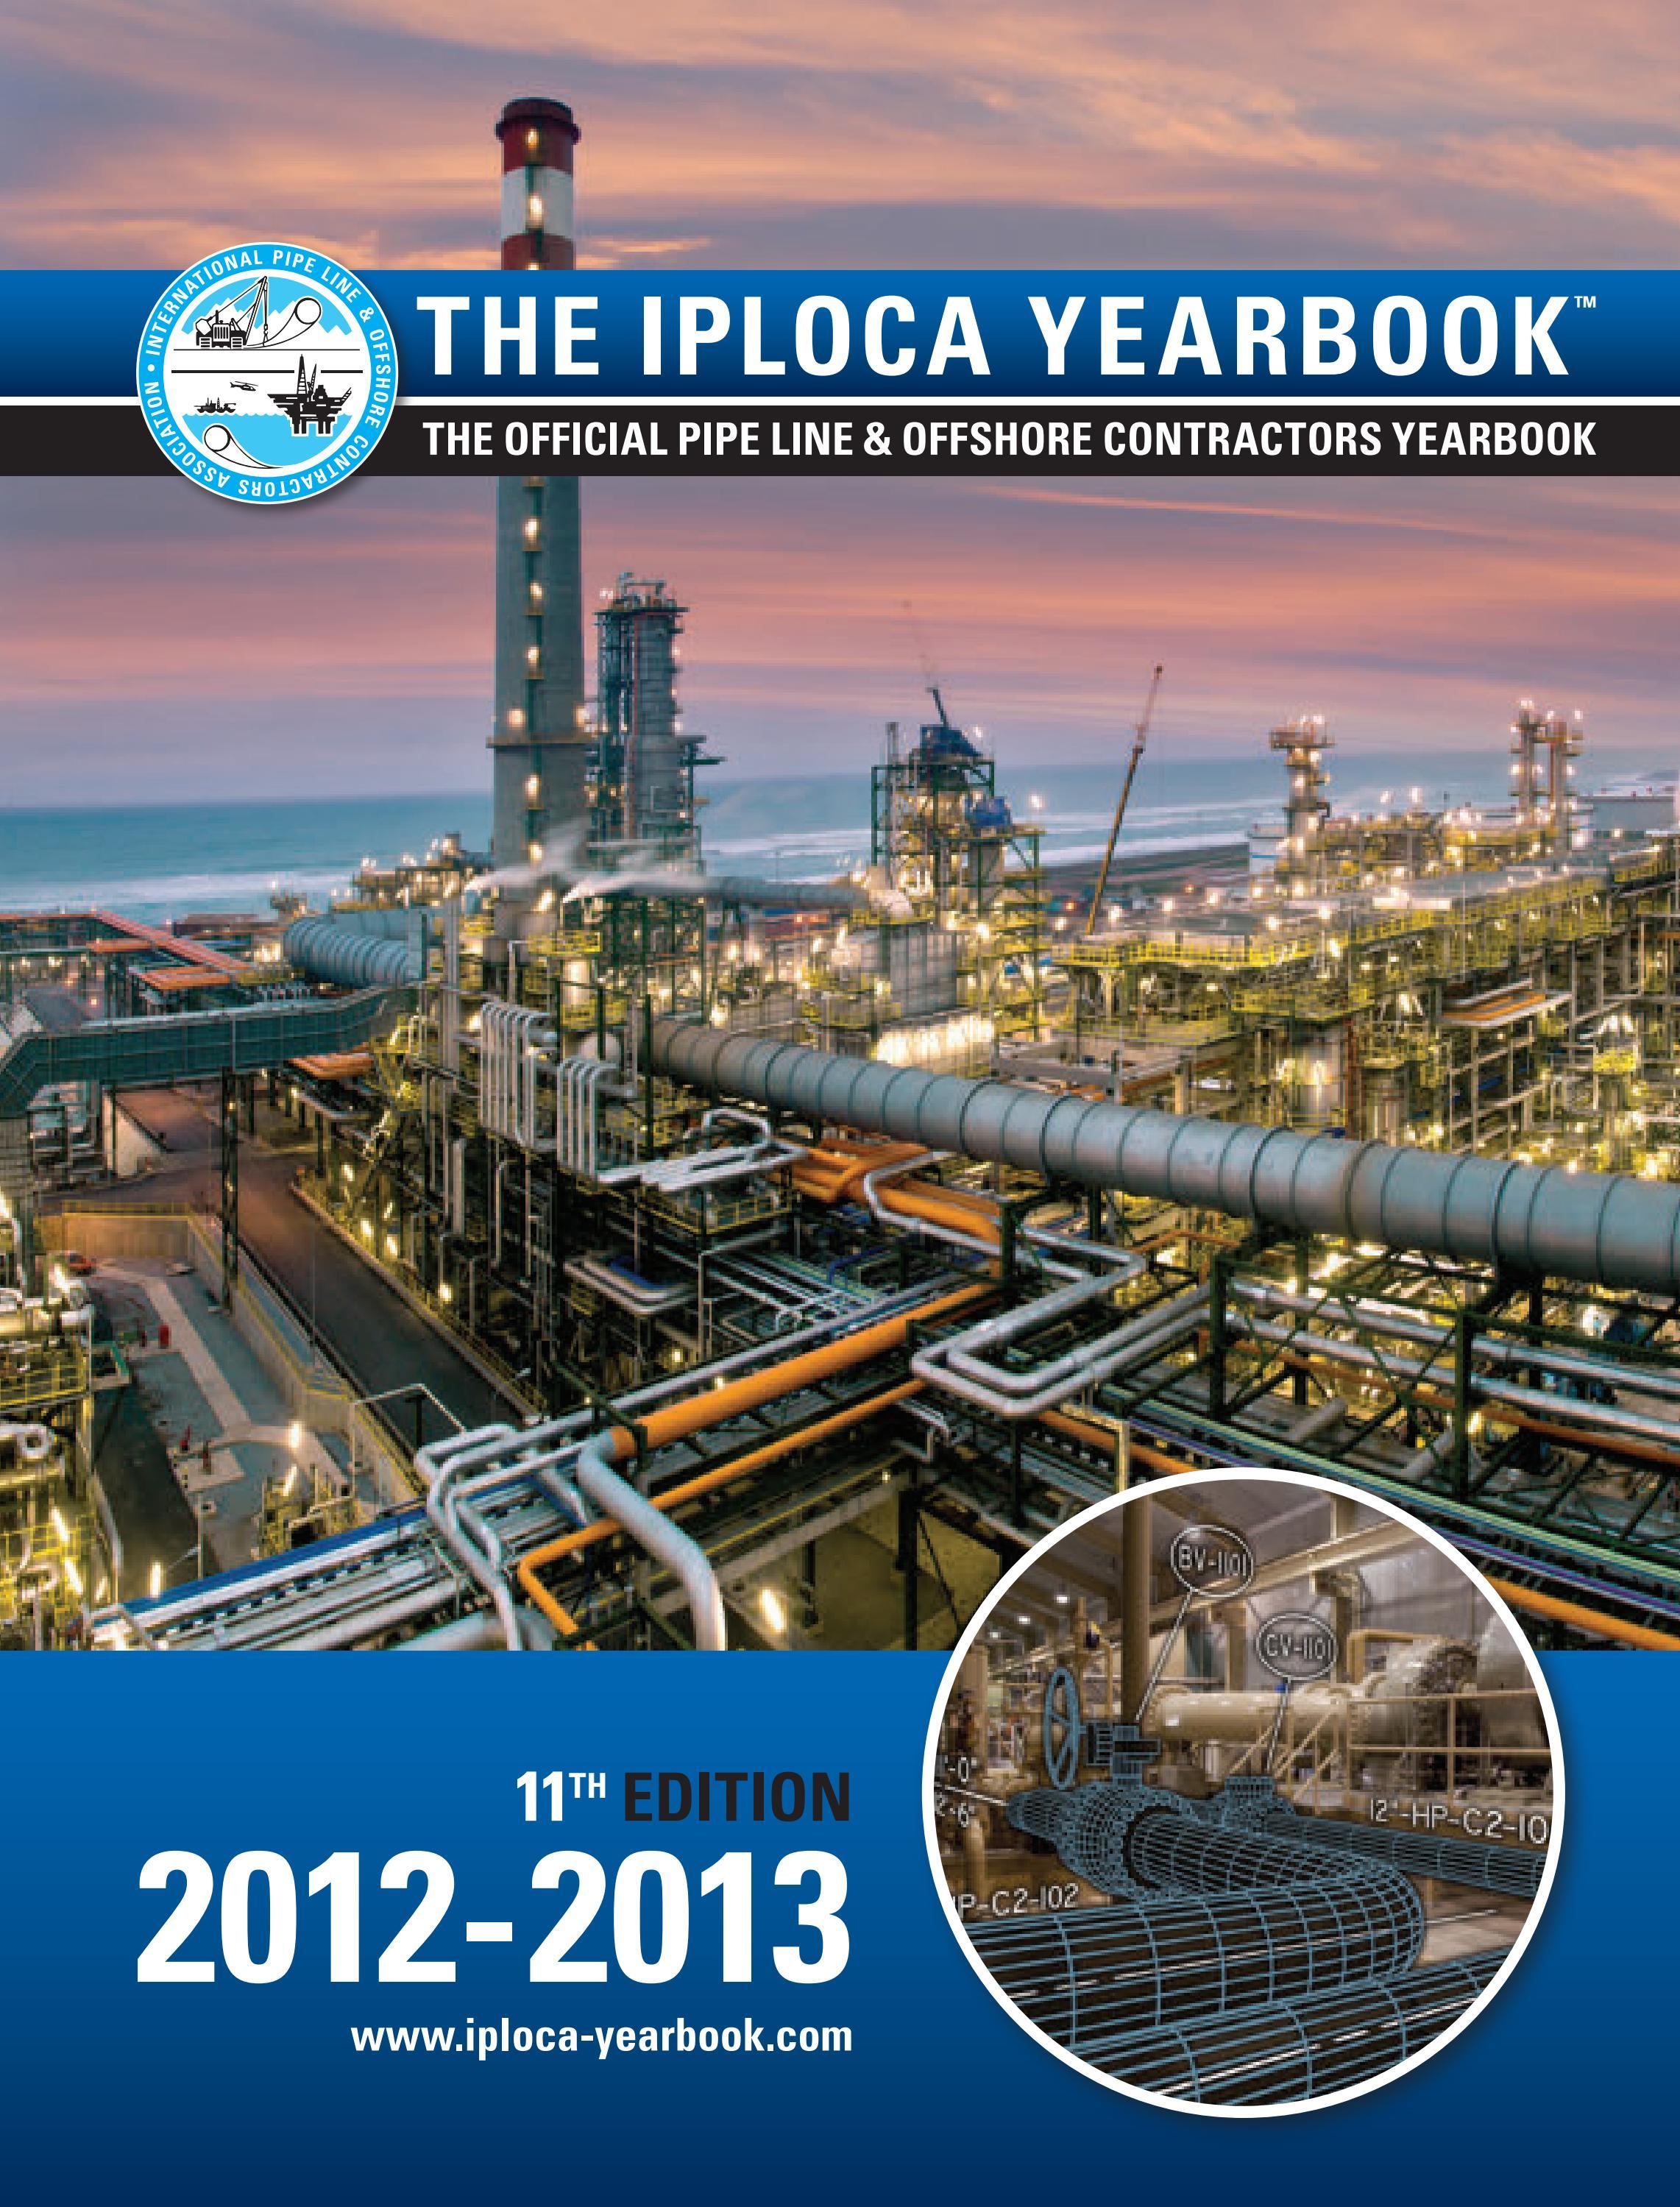 c9d87d78a5862 IPLOCA Yearbook 2012-2013 by Pedemex BV - issuu